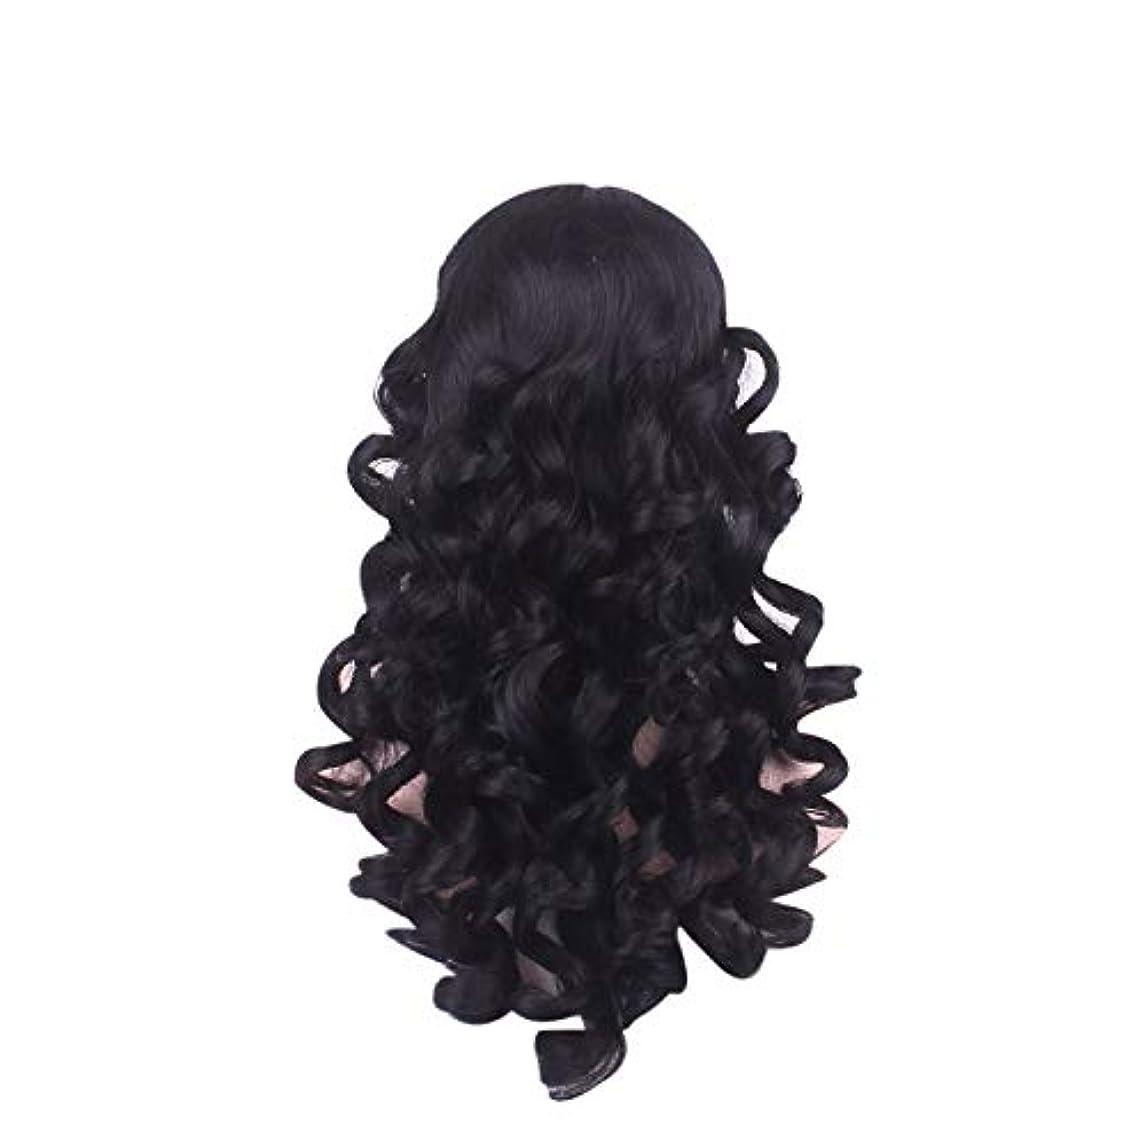 メダリスト湿気の多い有効な女性の長い巻き毛のファッションかつらローズネット65 cm